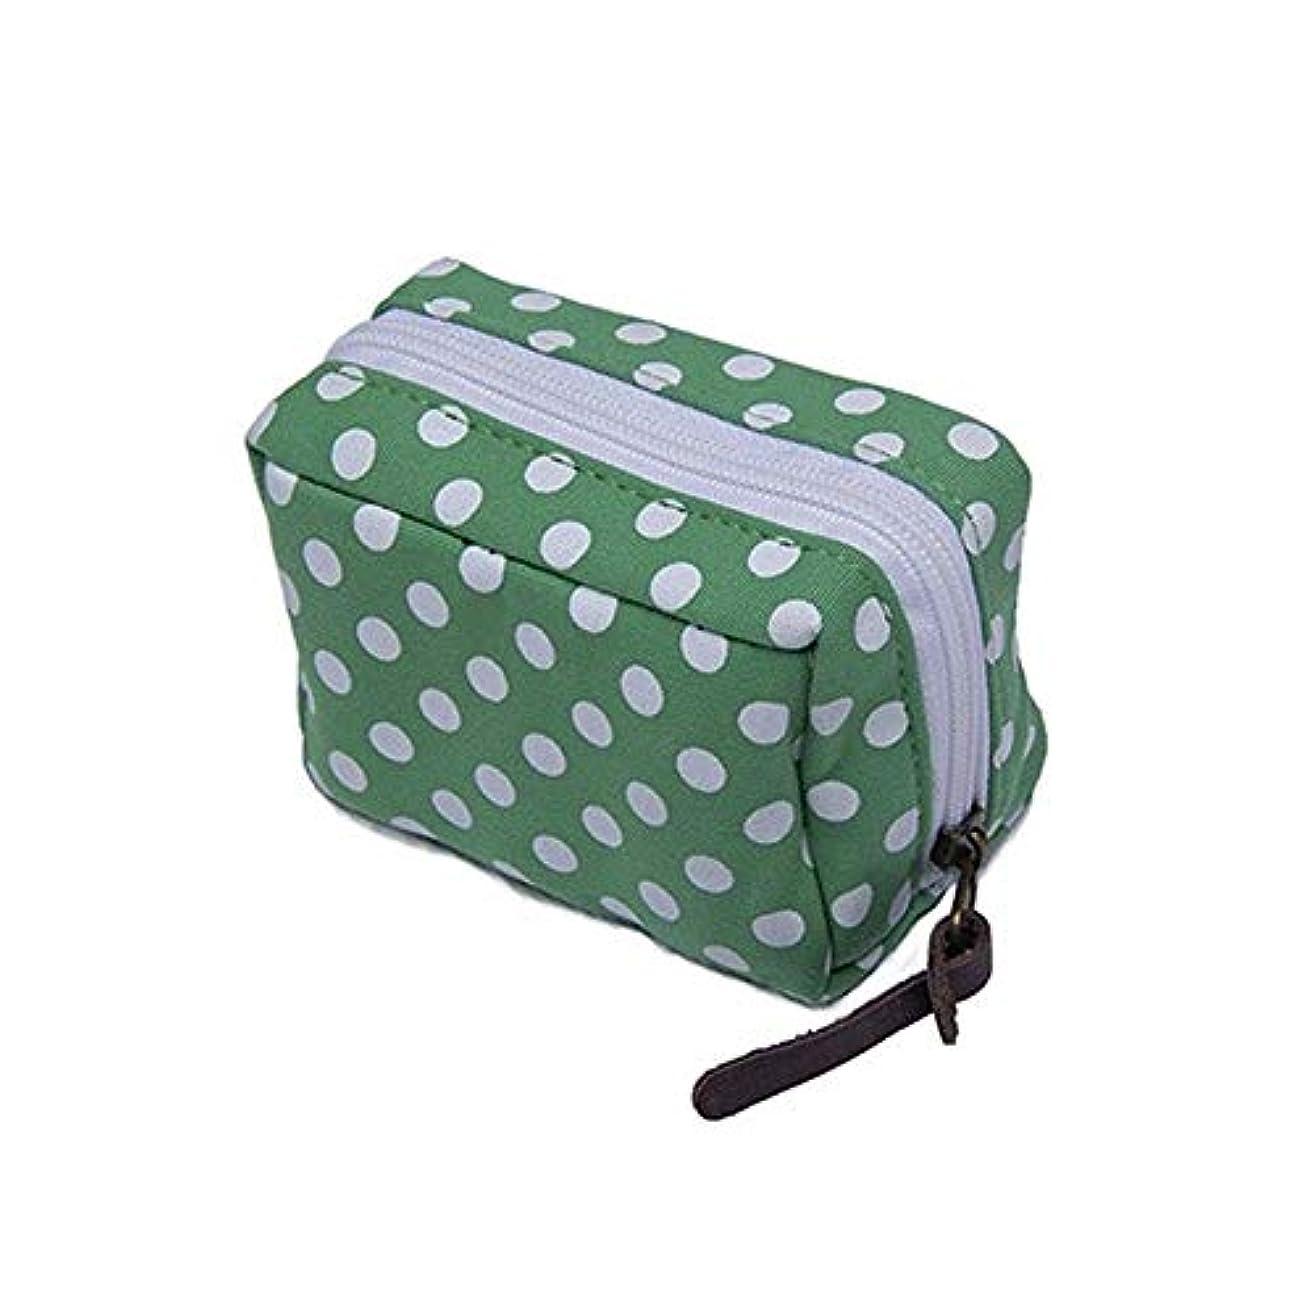 お嬢楽観ディスコ精油ケース エッセンシャルオイル収納ケース旅行キャリングケースは、10ミリリットル、15ミリリットルバイアルウェーブポイントがオーガナイザーバッグ付きリストレットを形6本のボトルを保持します 携帯便利 (色 : 緑, サイズ : 11.5X5.8CM)